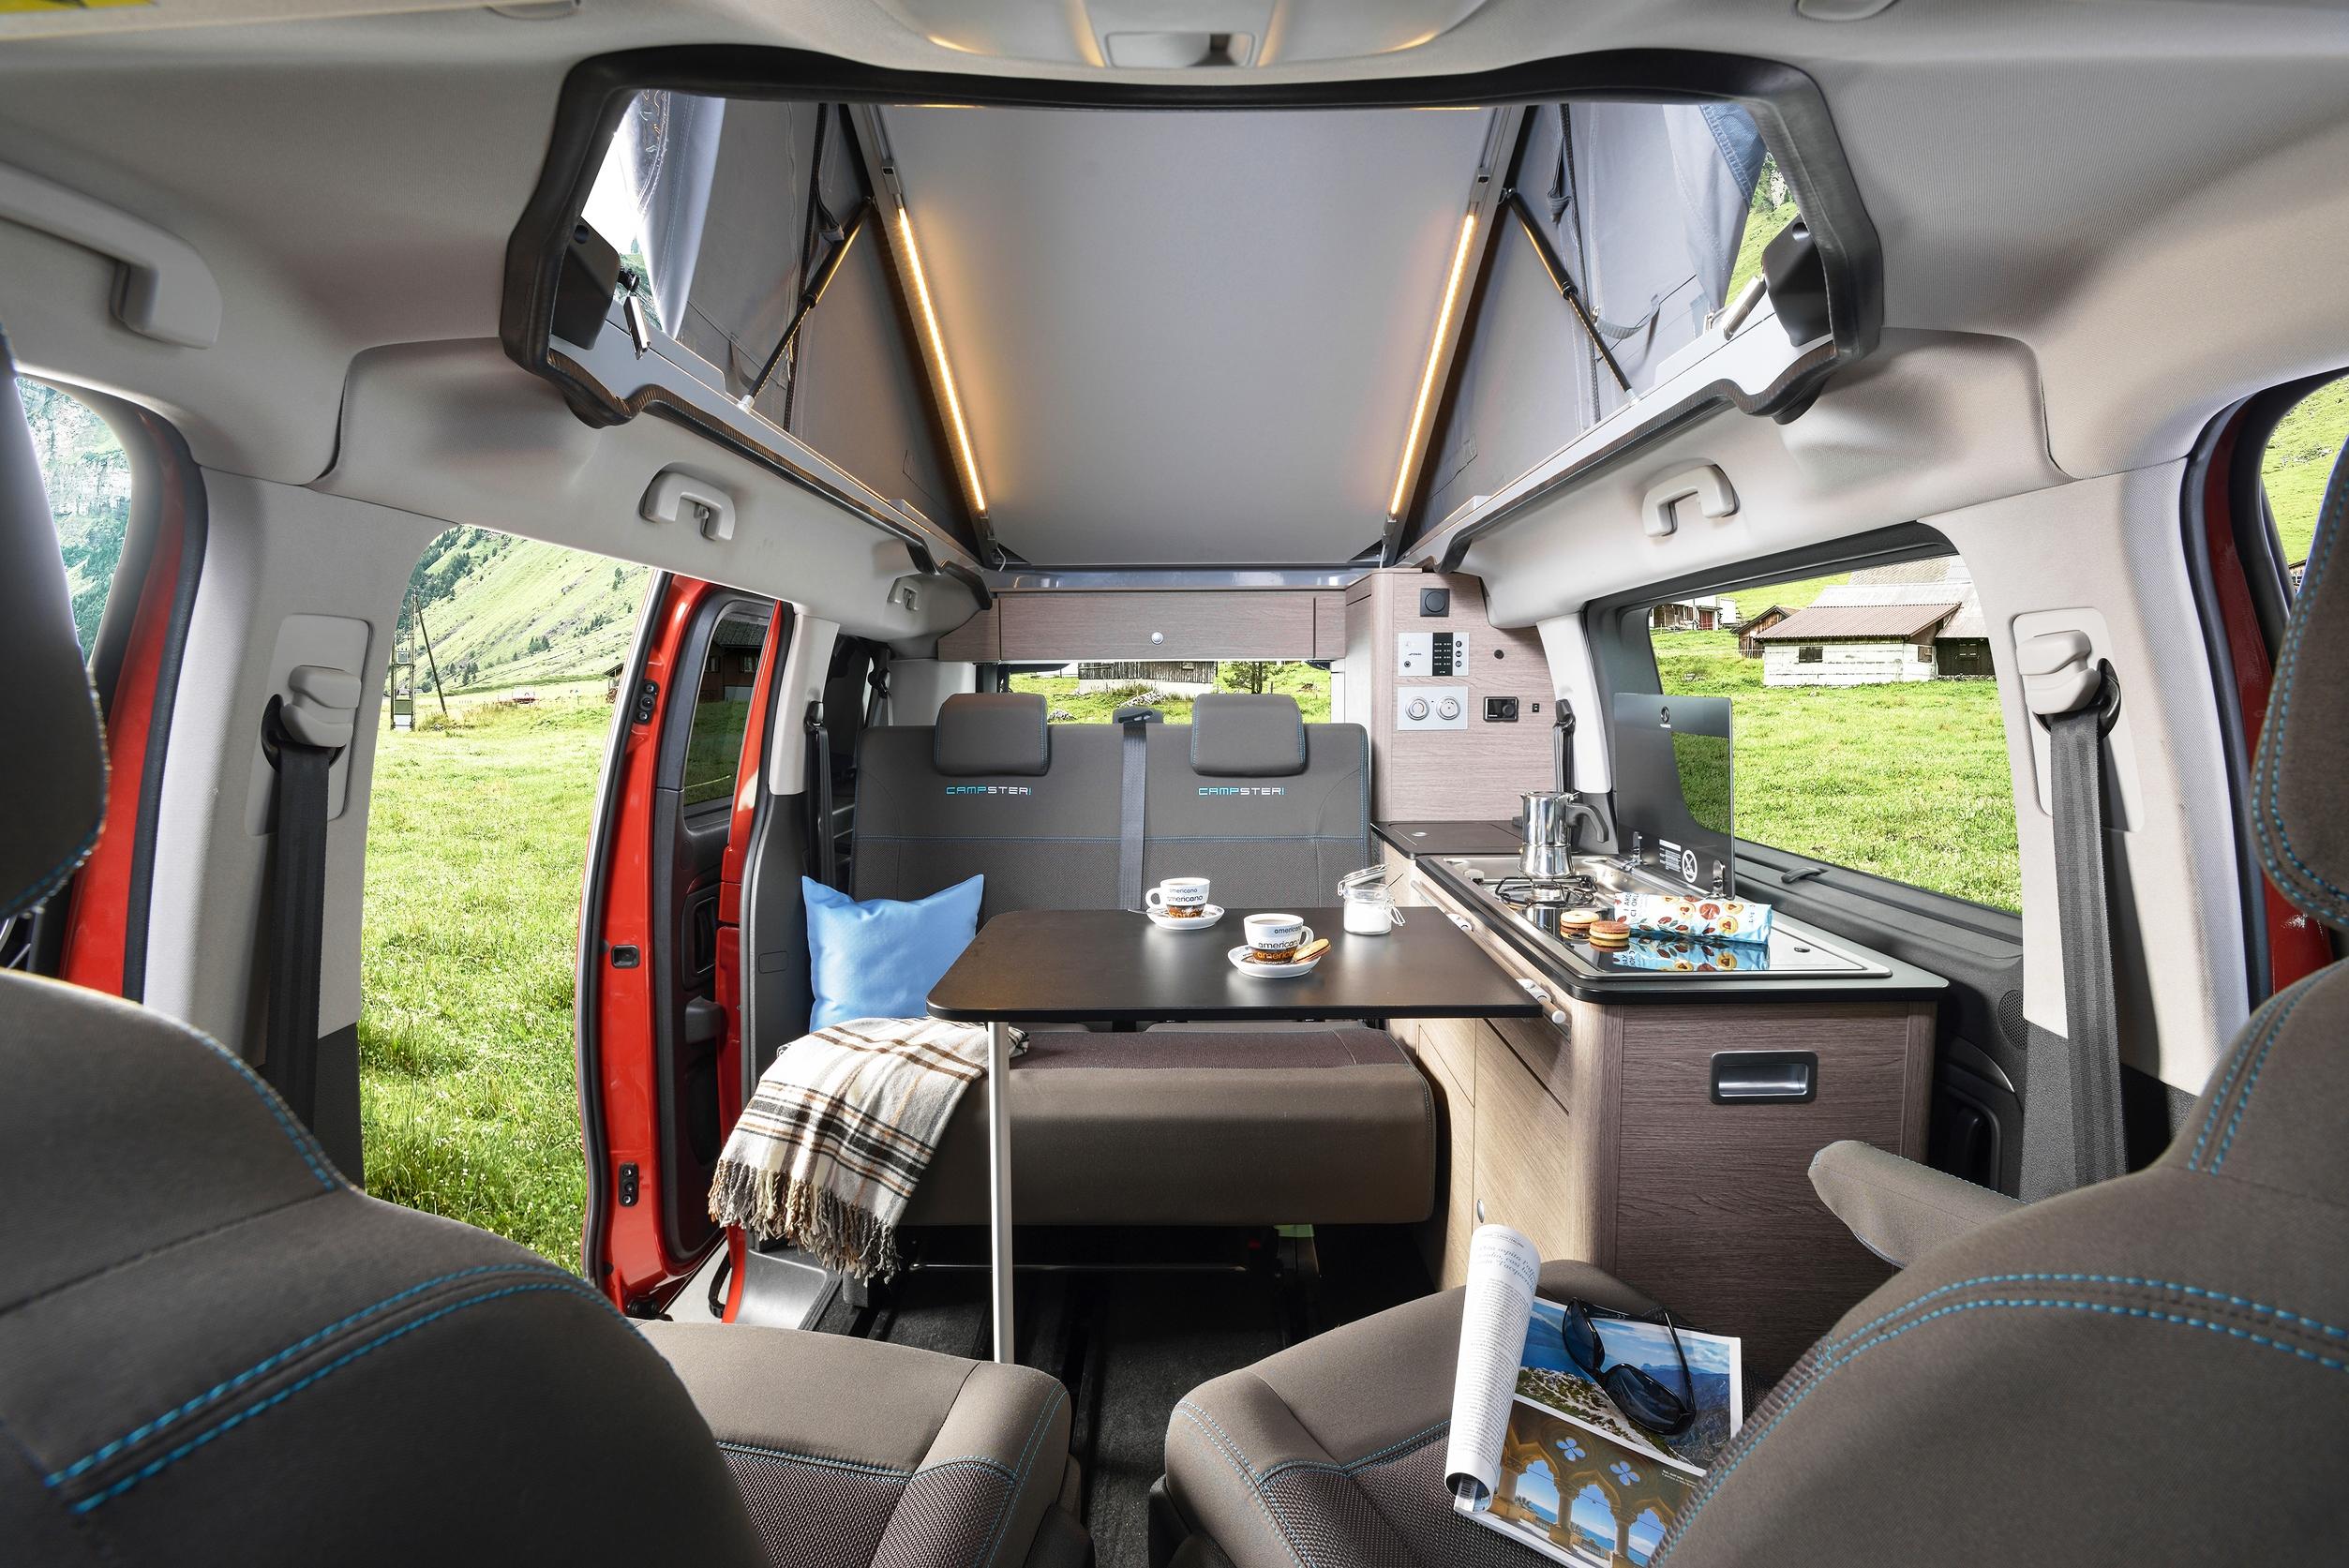 die testfahrer auto und reise magazin online magazin mit autotests und reisetipps aktuell. Black Bedroom Furniture Sets. Home Design Ideas